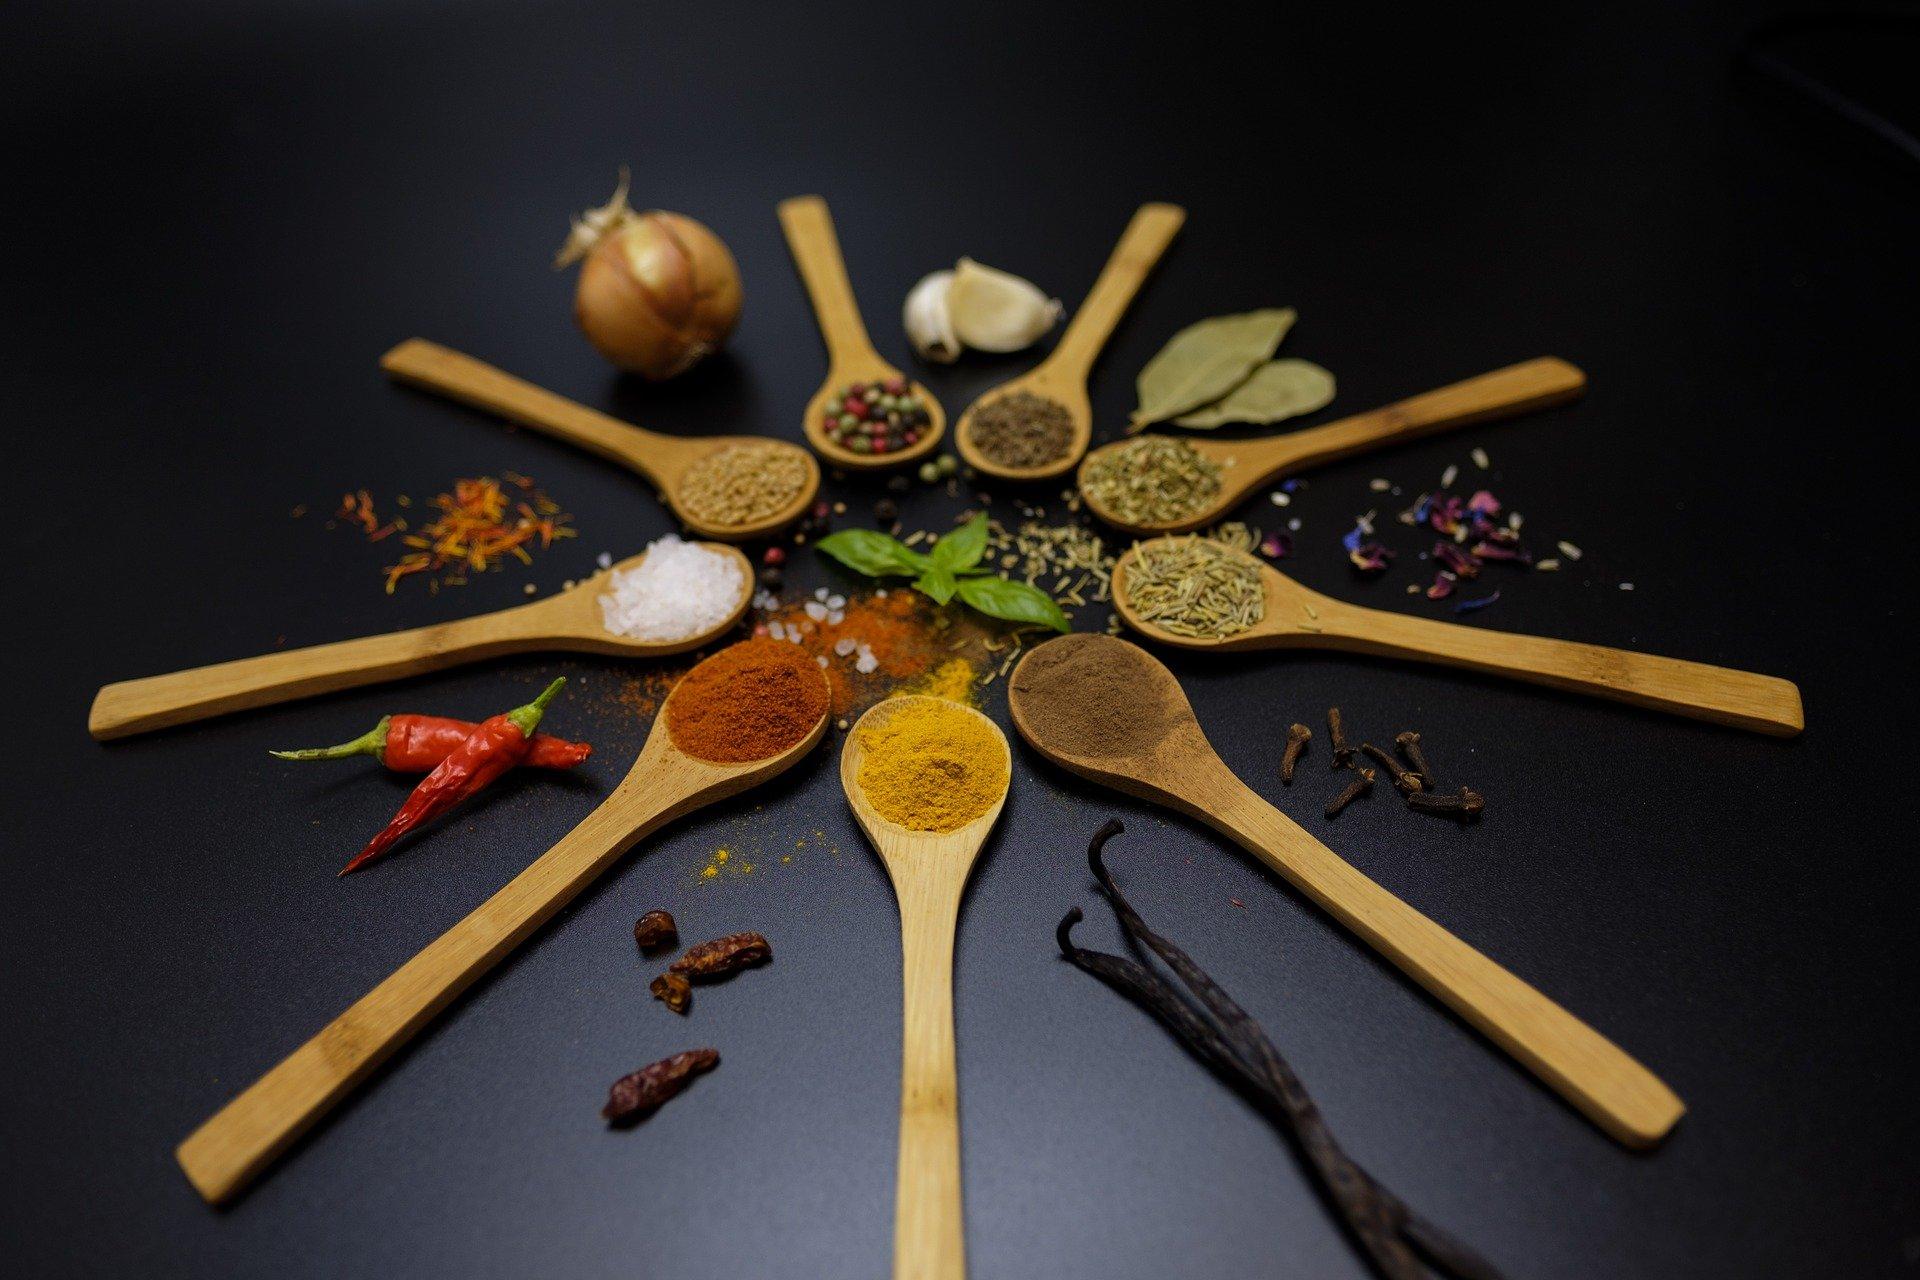 9 cucchiai di legno disposti a raggiera, ognuno contenente una spezia